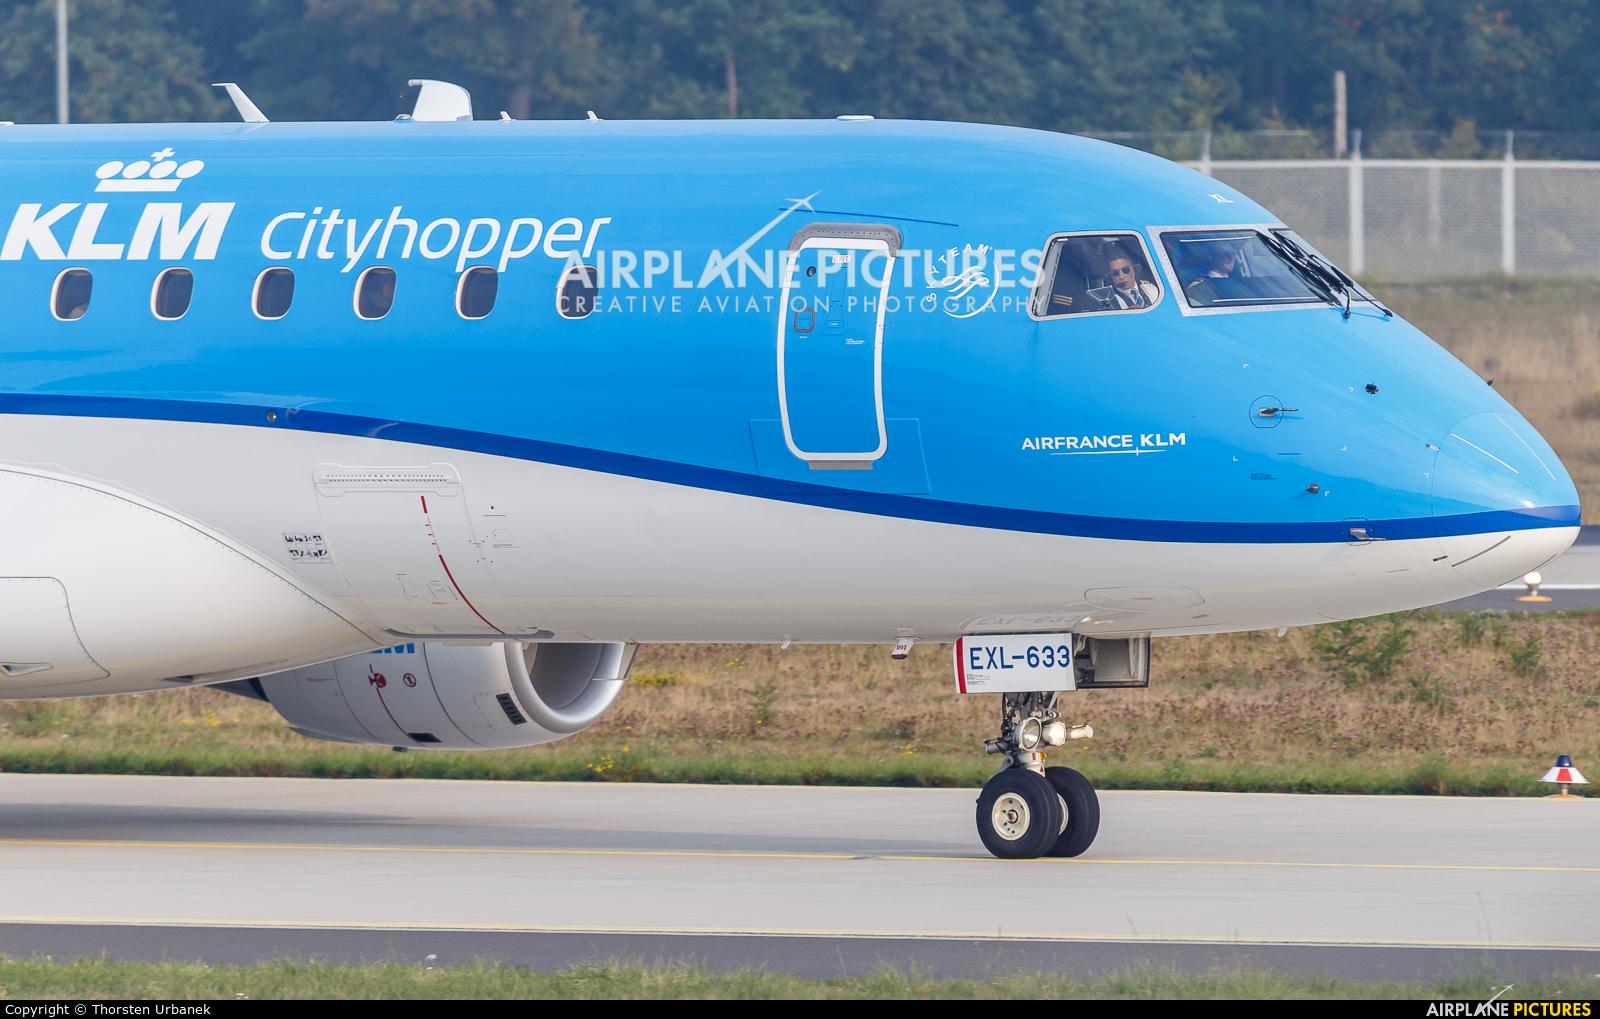 KLM Cityhopper PH-EXL aircraft at Frankfurt